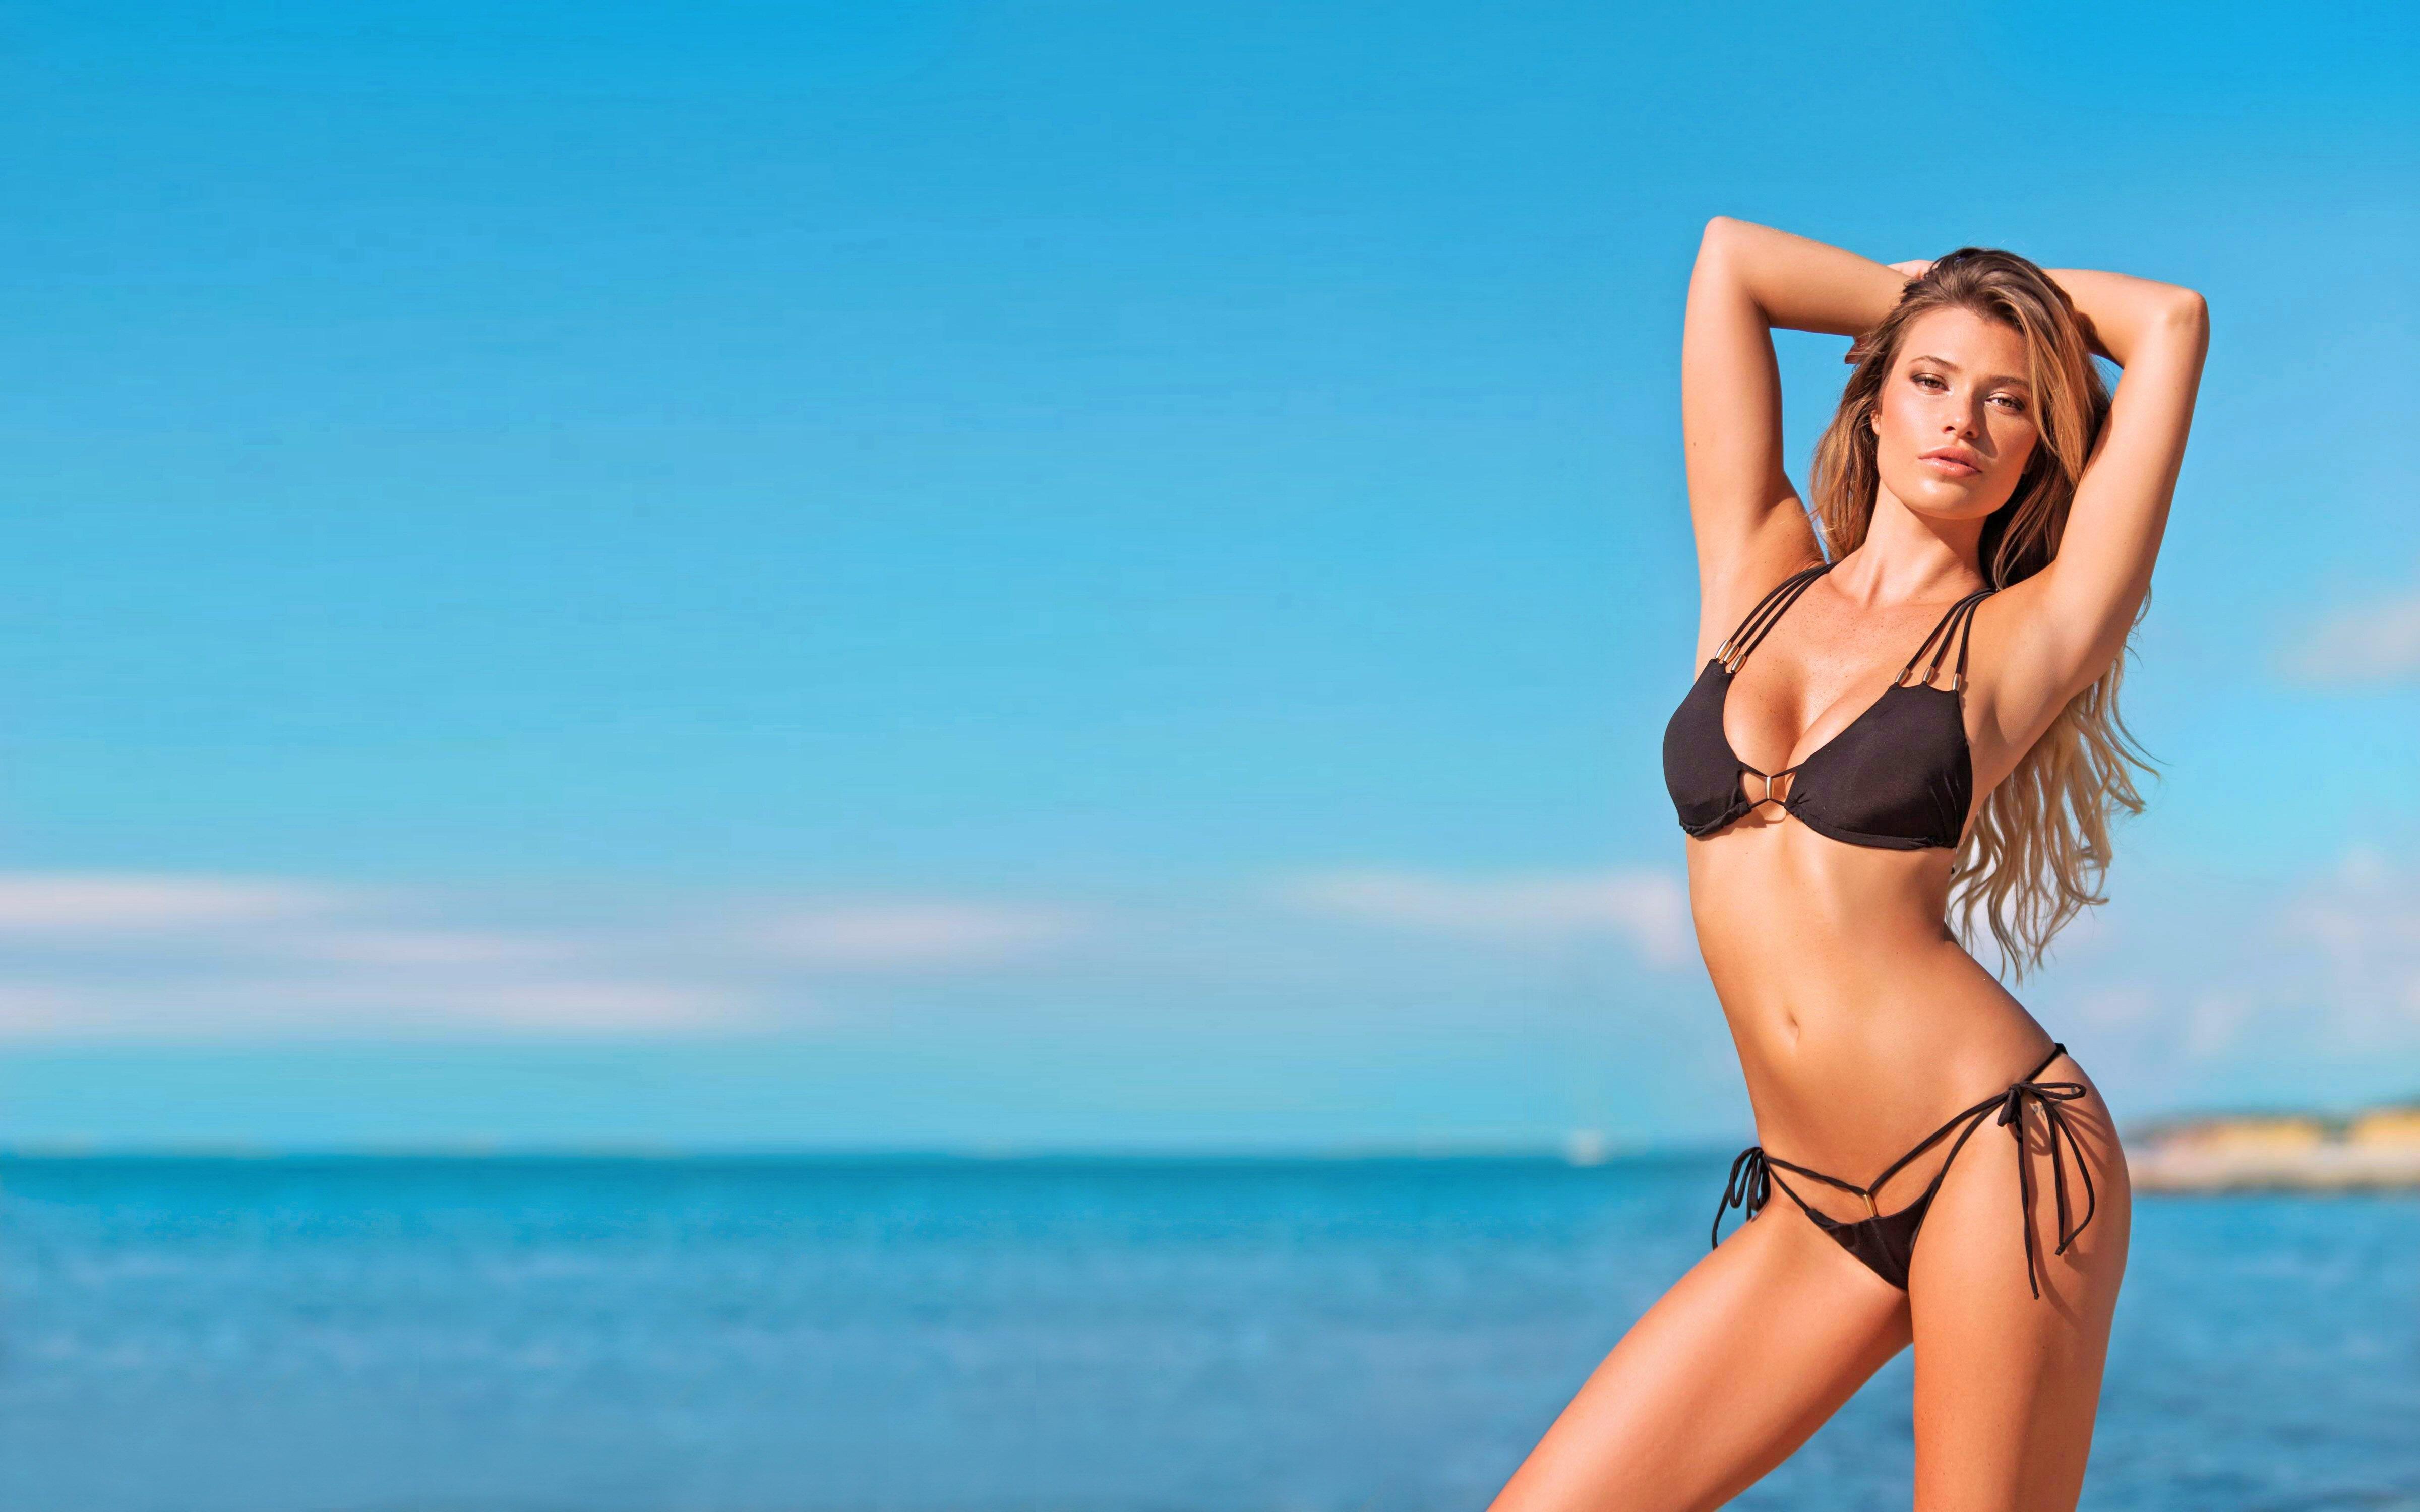 Bikini 4k Ultra HD Wallpaper Background Image 4800x3000 ID 4800x3000